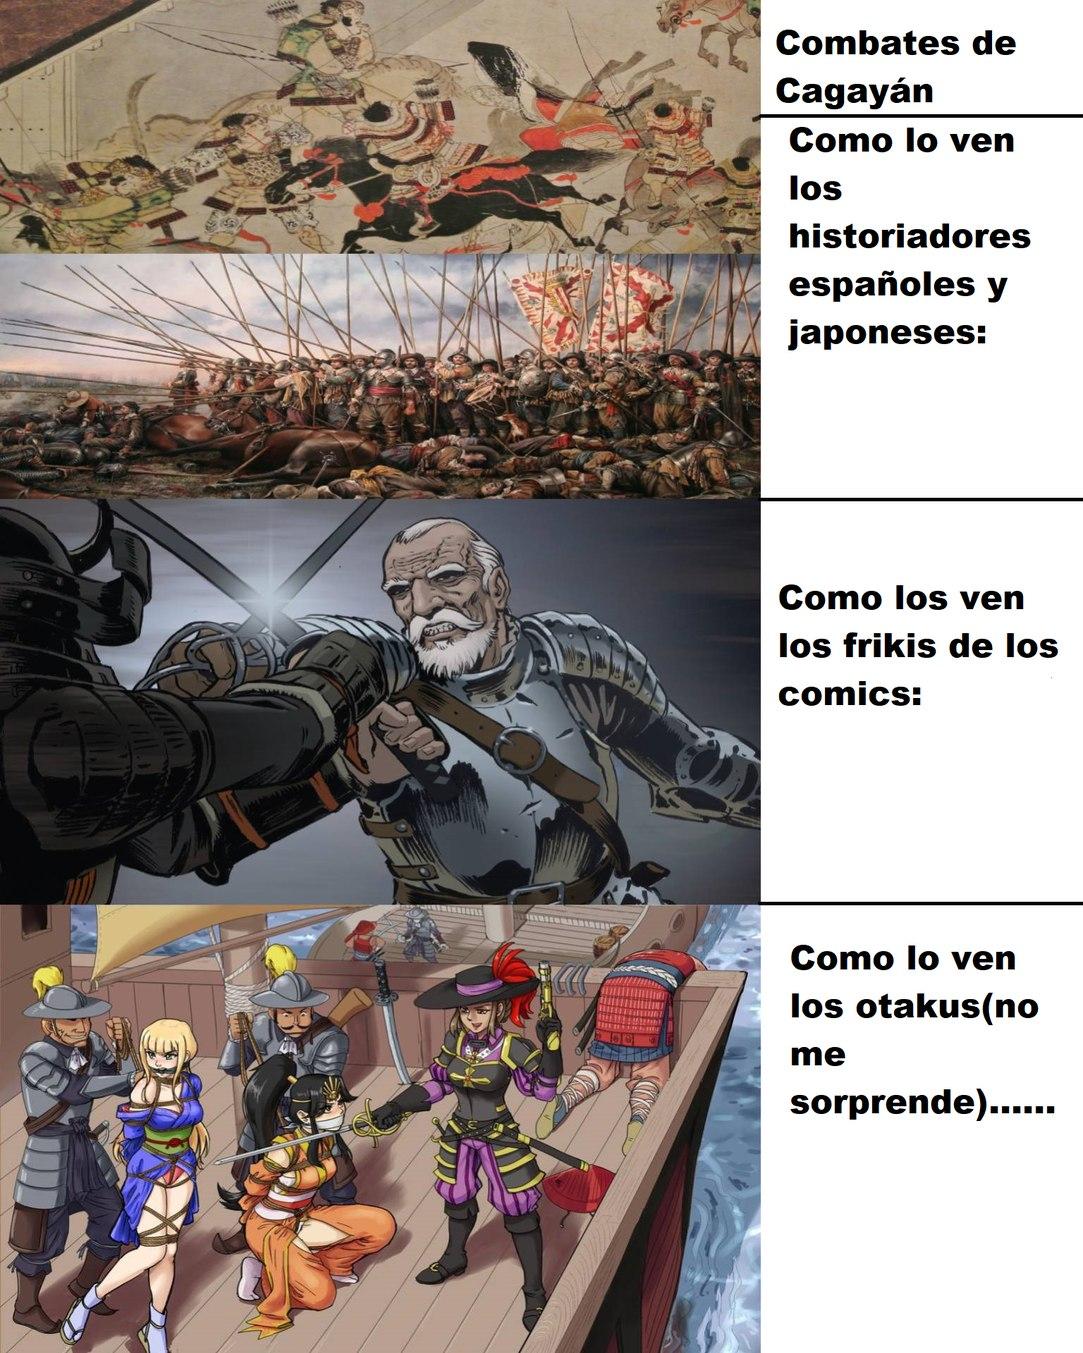 Combates de Cagayán como lo ve cada uno: - meme